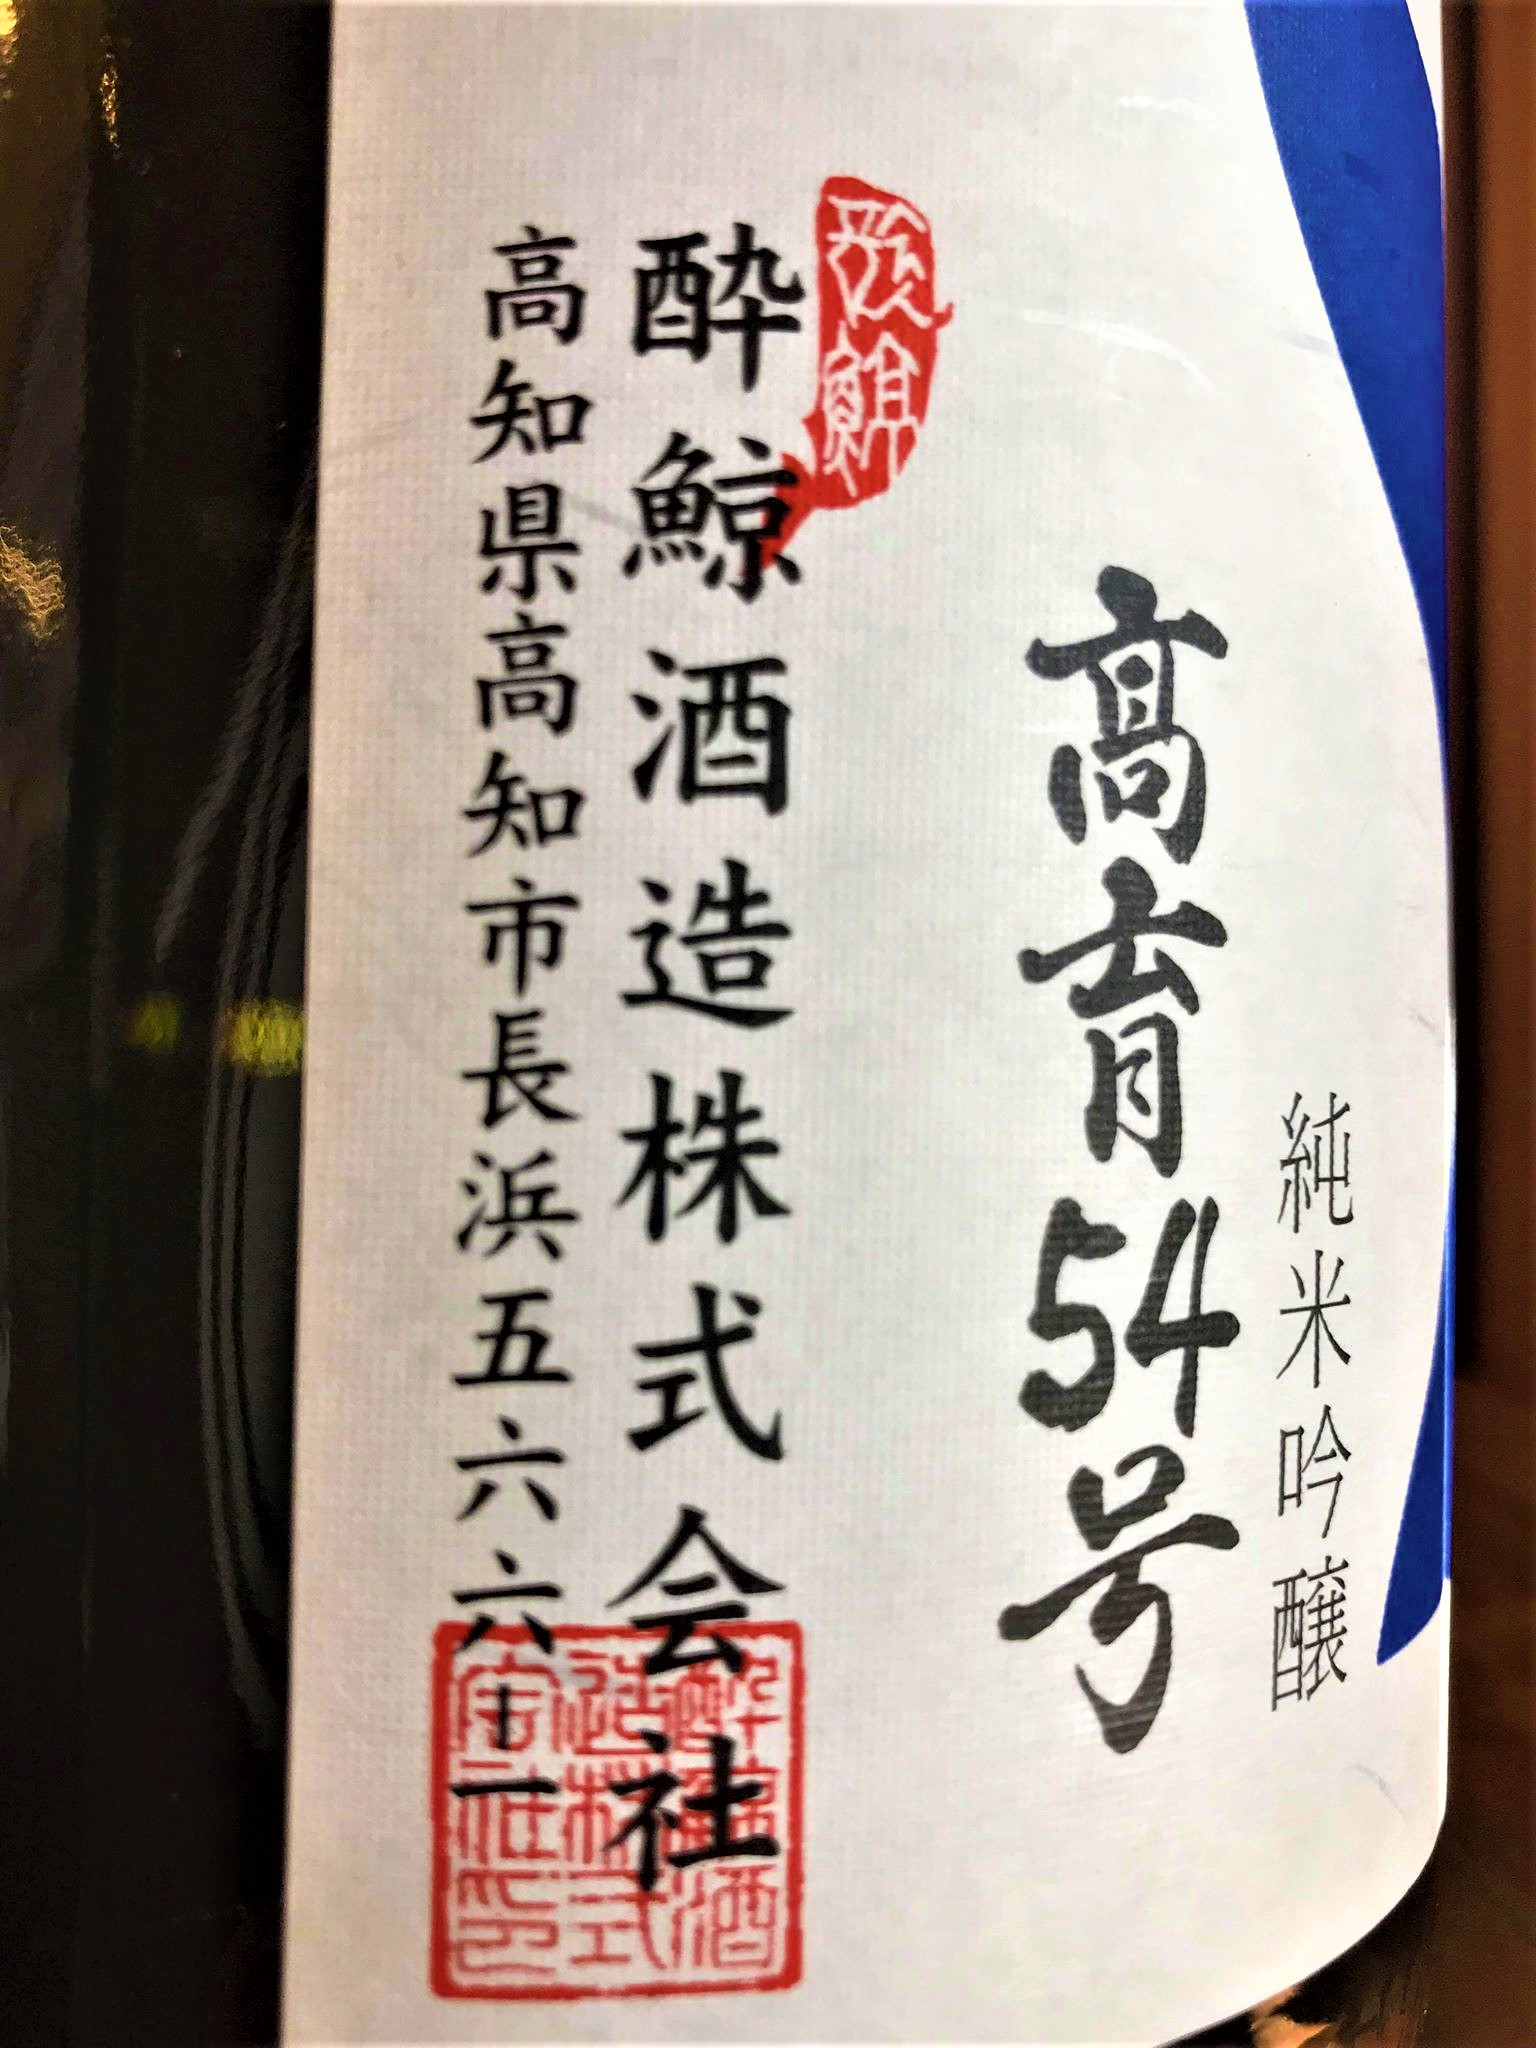 【日本酒】酔鯨 純米吟醸 無濾過生原酒 高育54号 高知産吟の夢50磨き 限定 新酒30BY_e0173738_17204420.jpg